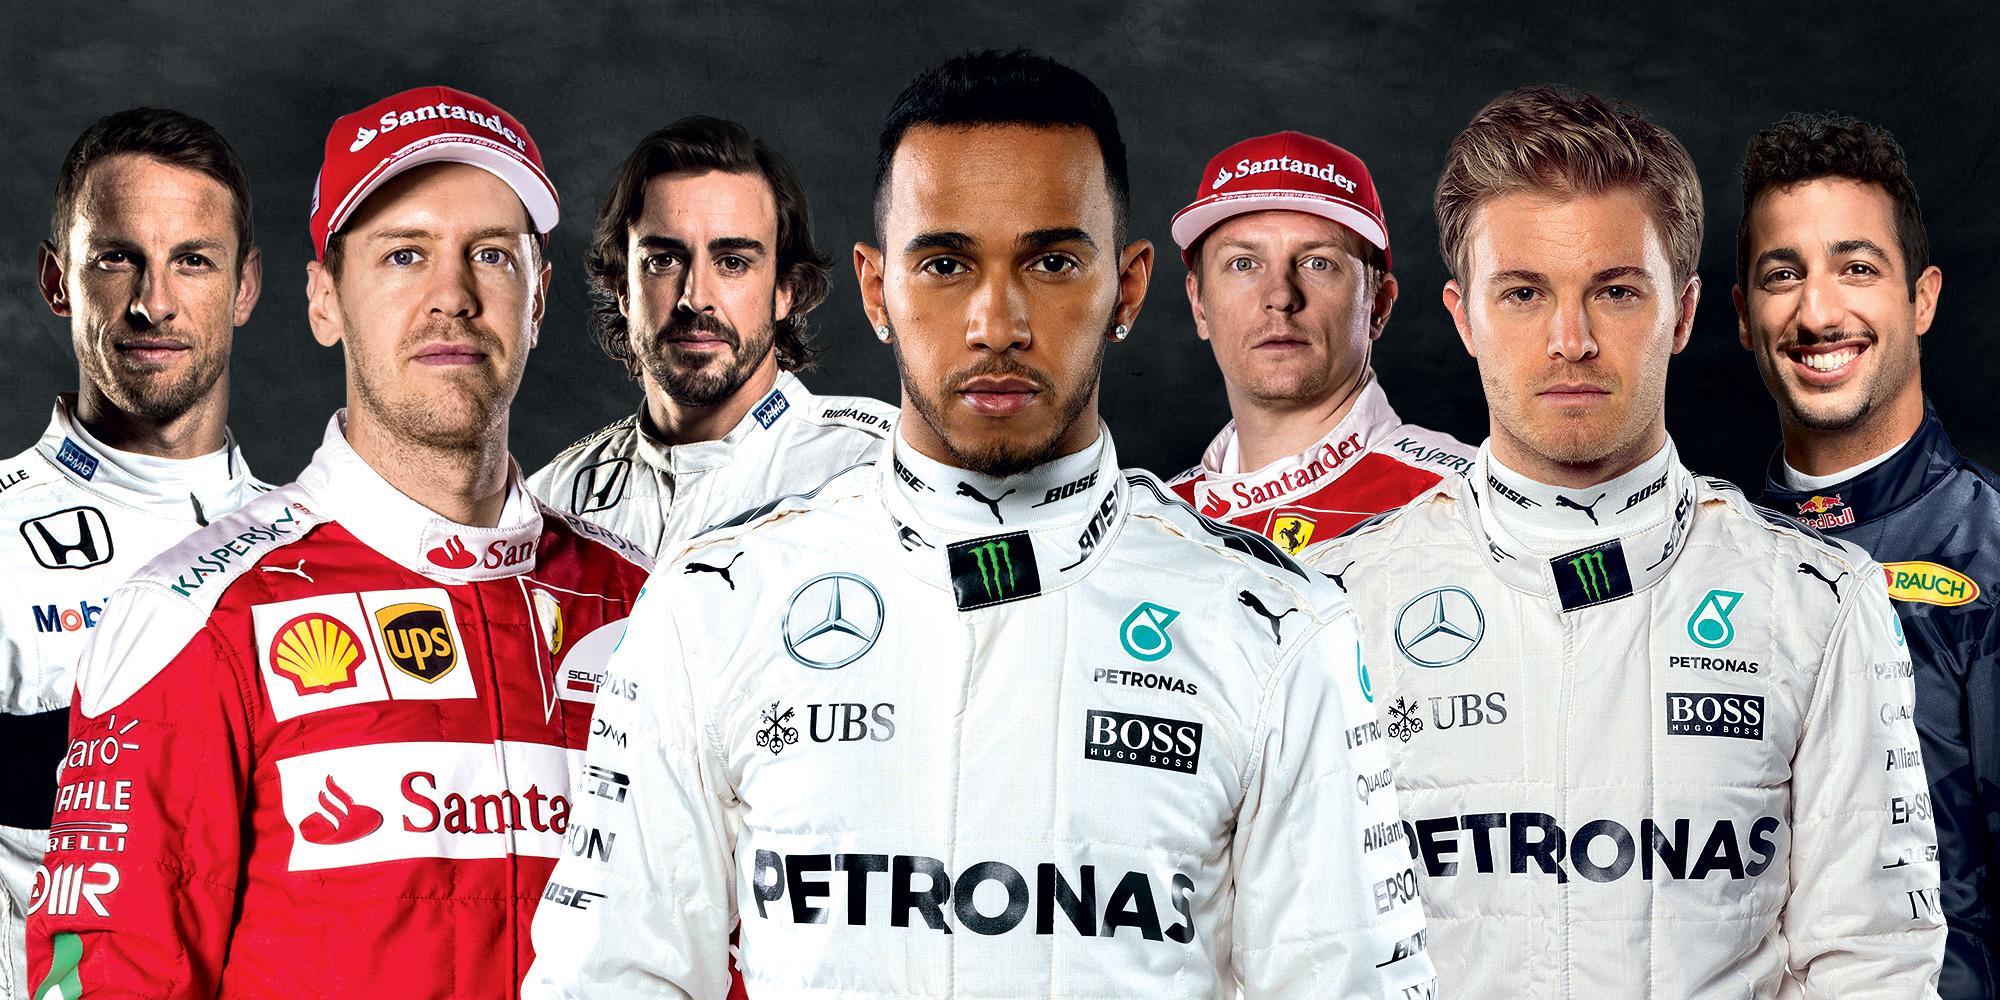 ¿Quienes son los mejores pagados de la F1?